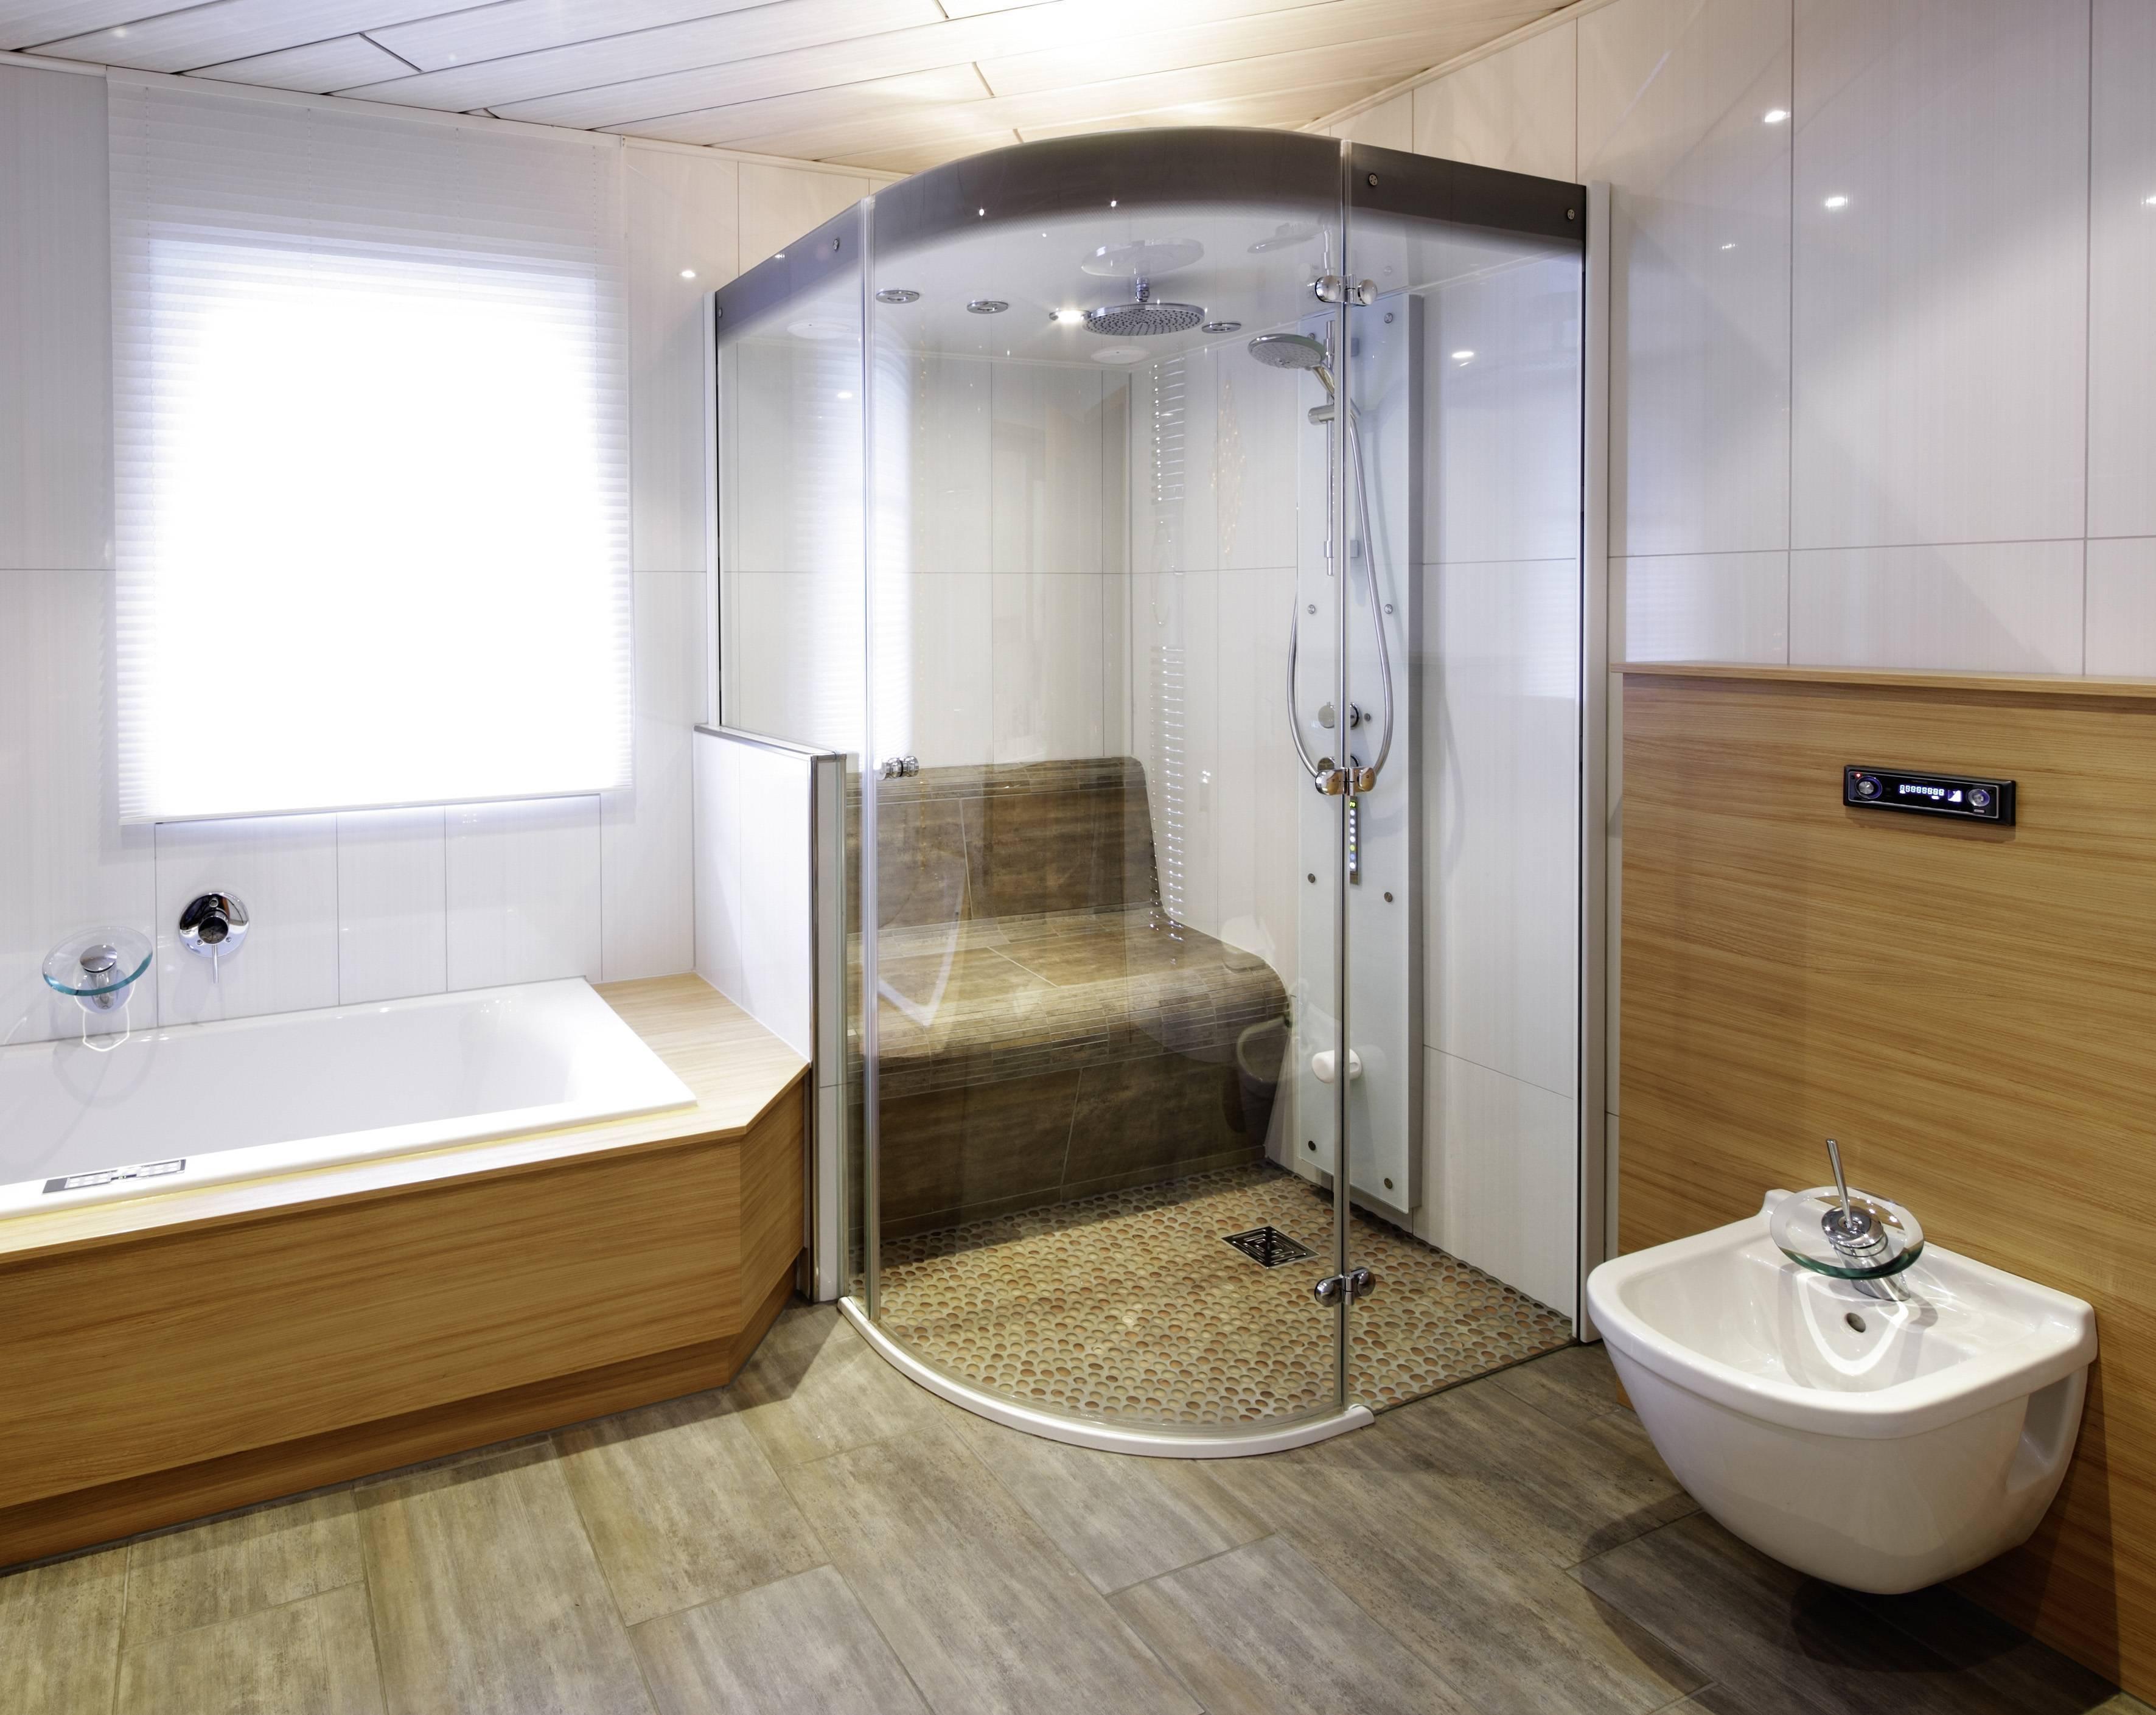 Душевые кабины с парогенератором и сауной для квартиры: турецкая и финская баня, инфракрасная парилка с эффектом сухого пара